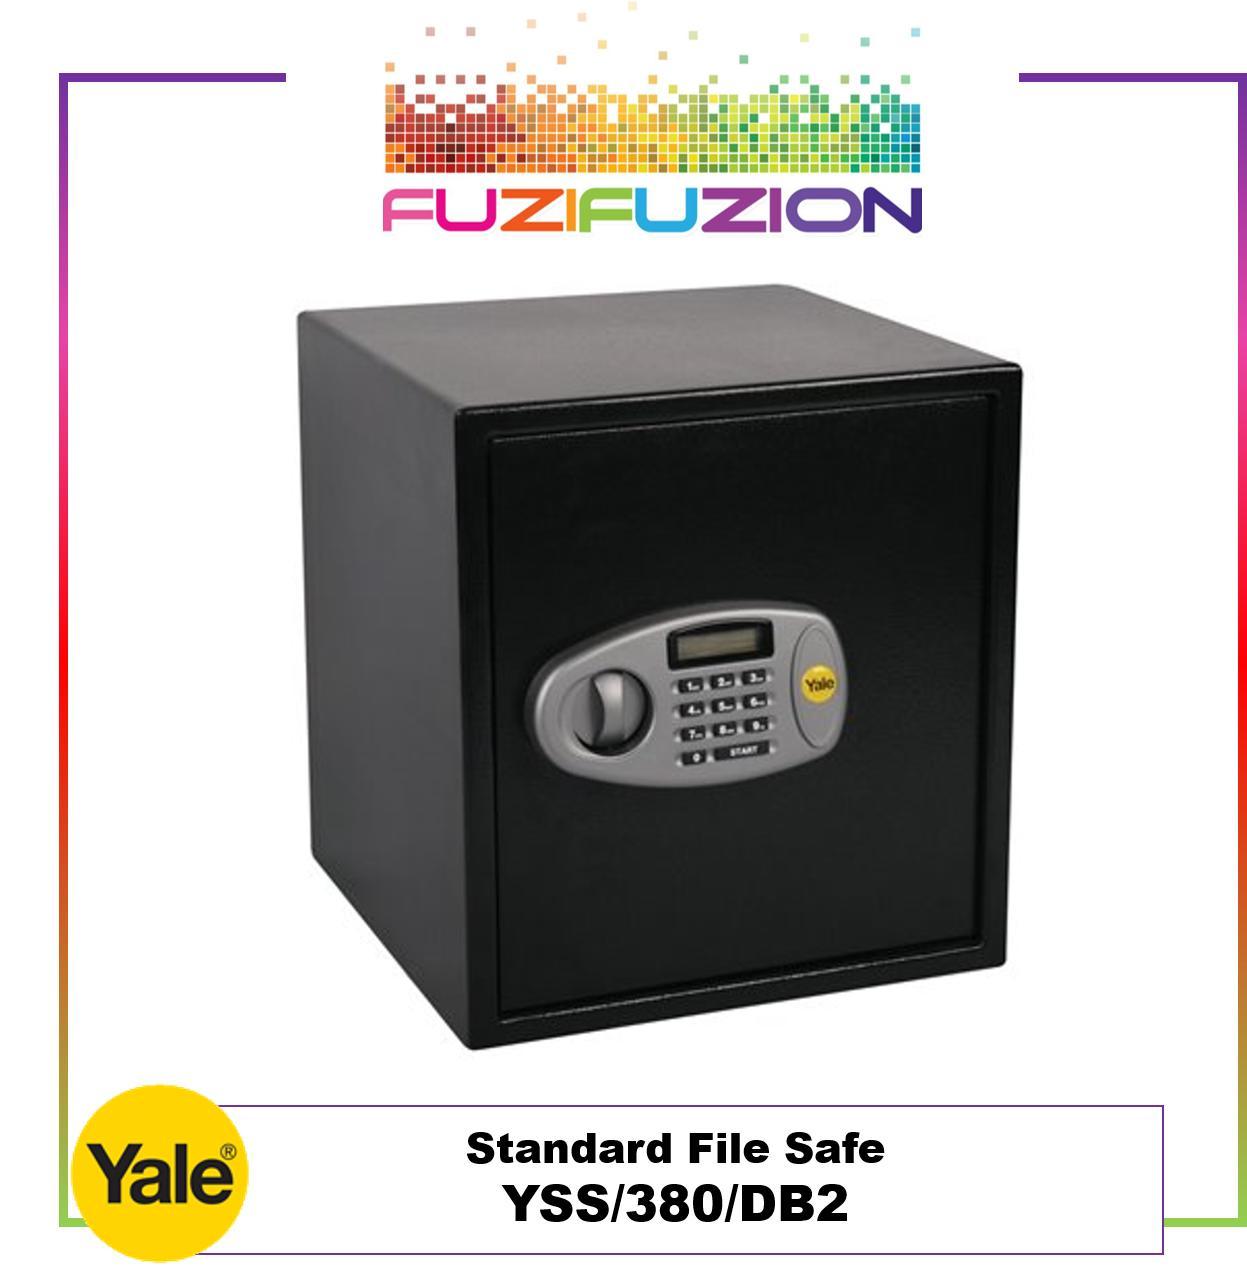 Yale YSS/380/DB2 Standard File Safe